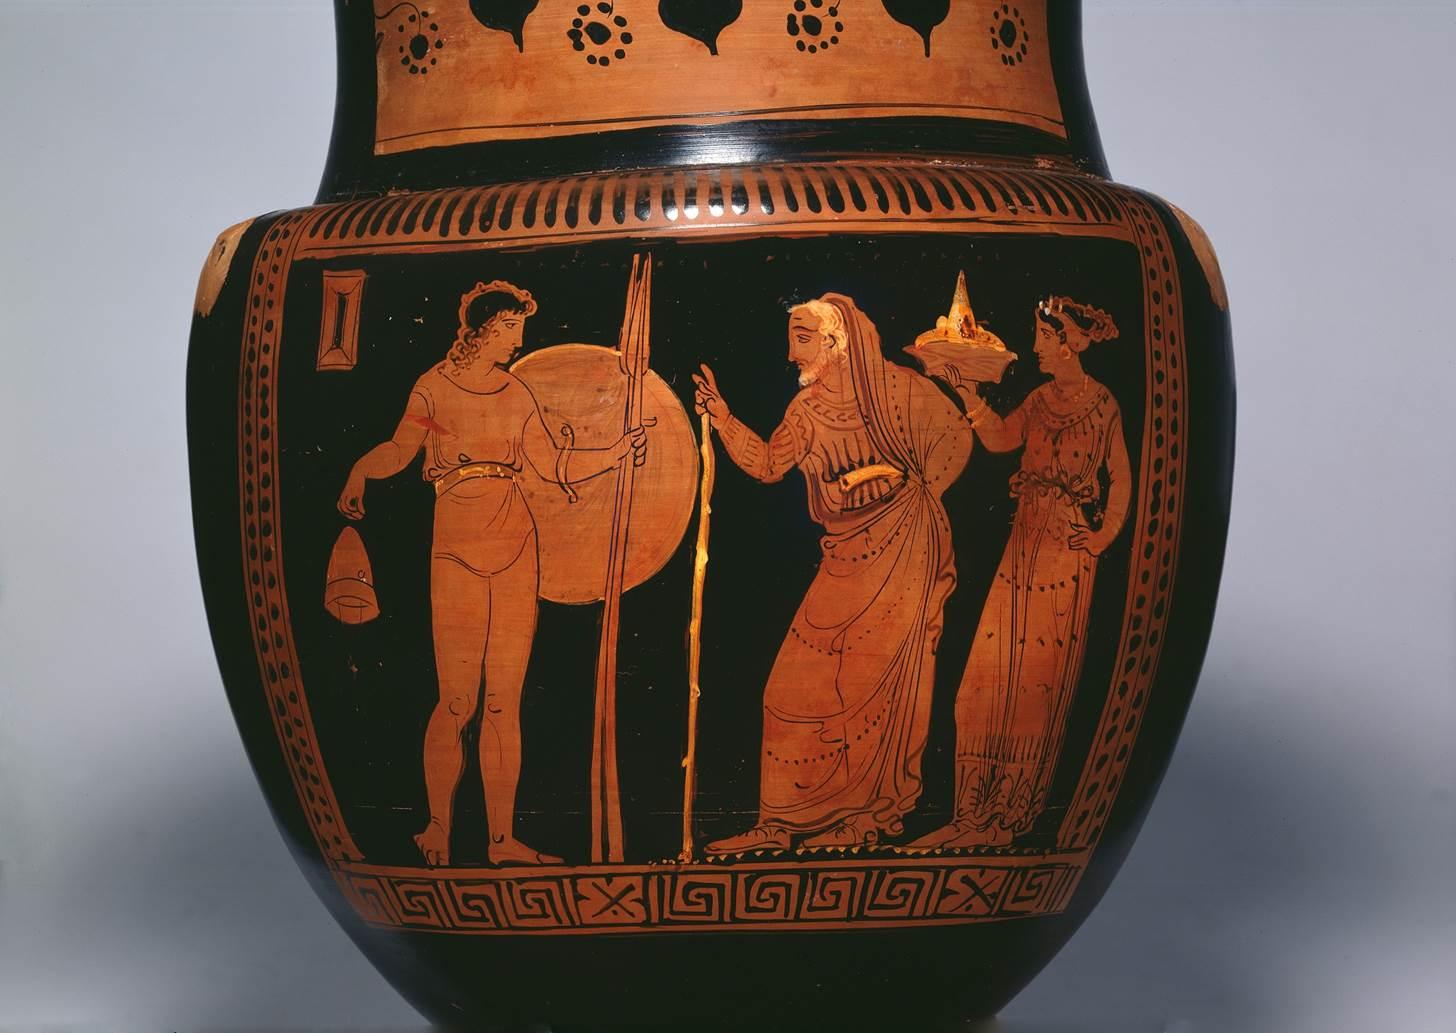 Odysseus And Kalypso Http Blog Oup Com Wp Content Uploads